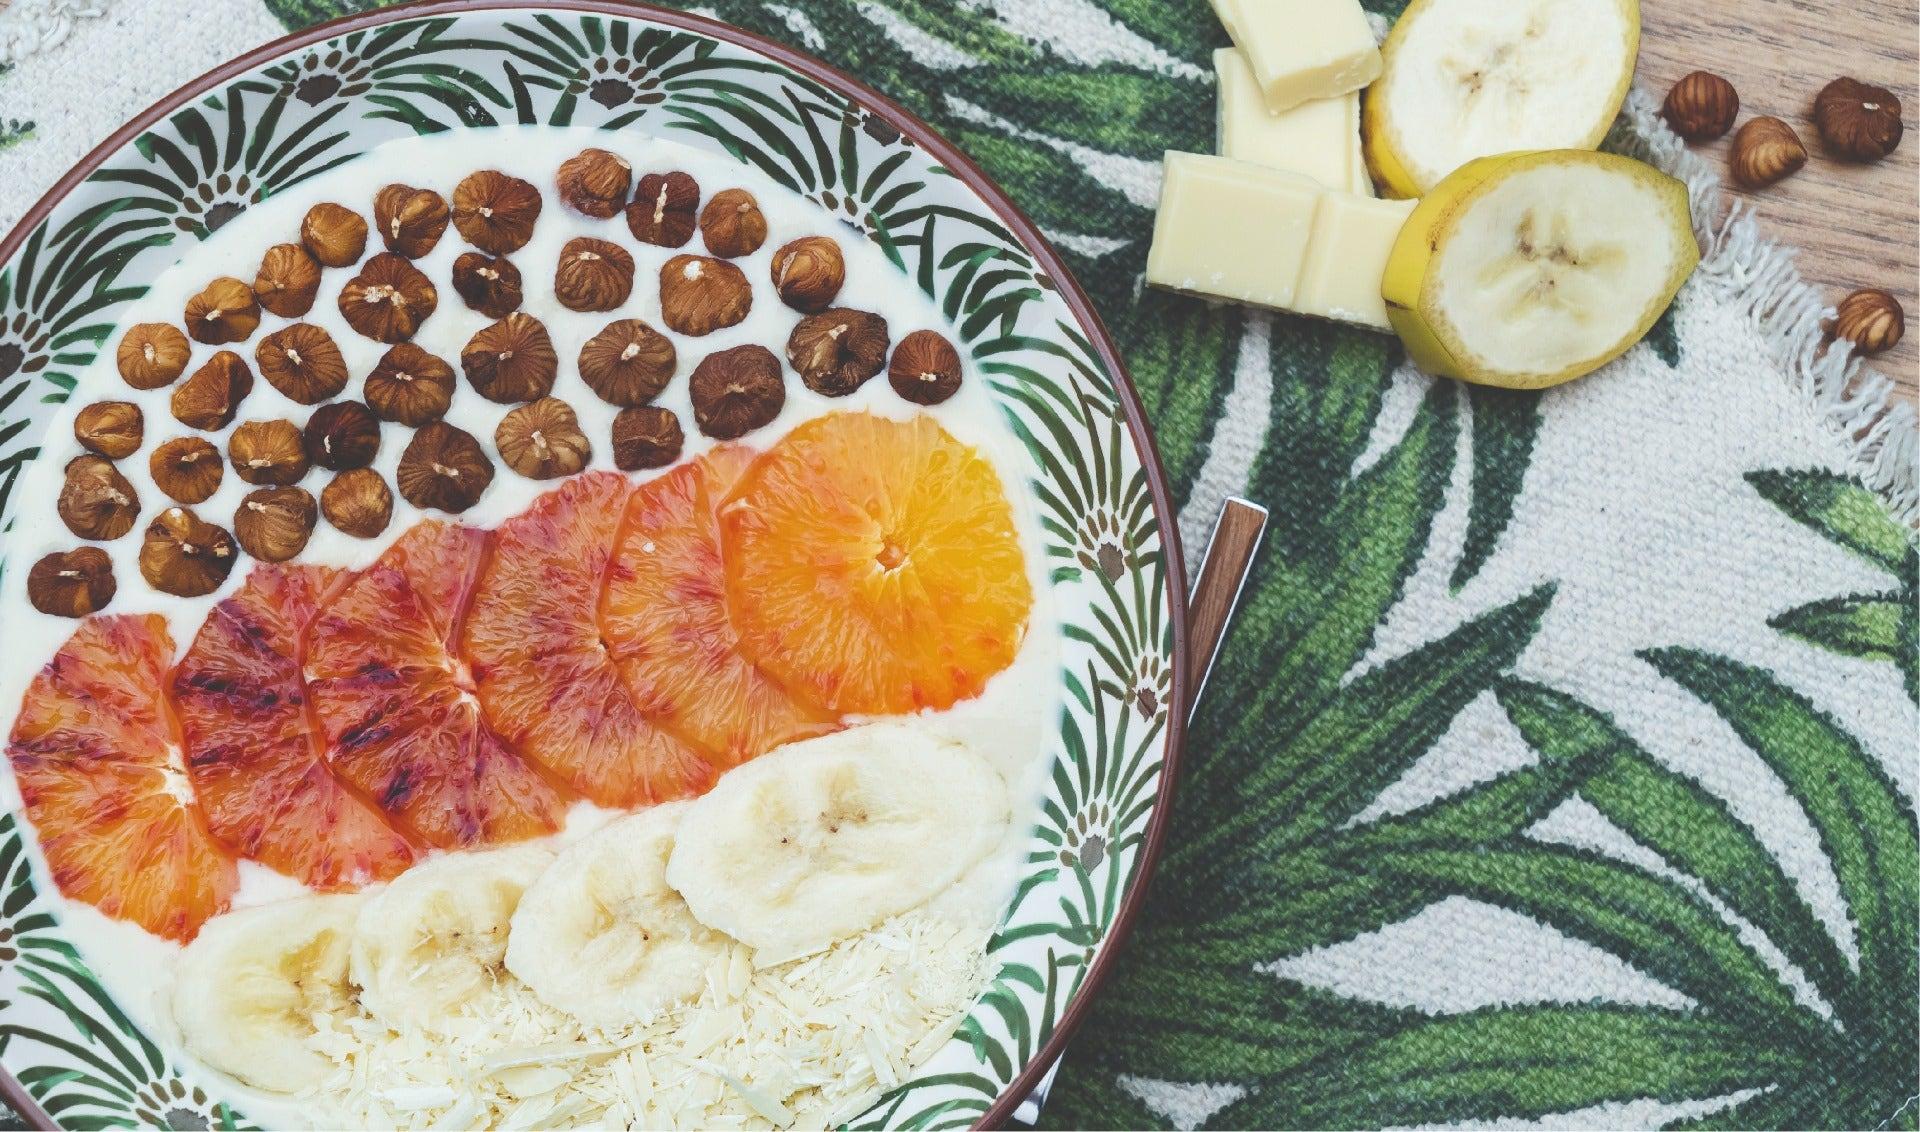 Assiette de crème vanillée avec des rondelles de bananes, d'orange sanguine et d'éclats de noisette